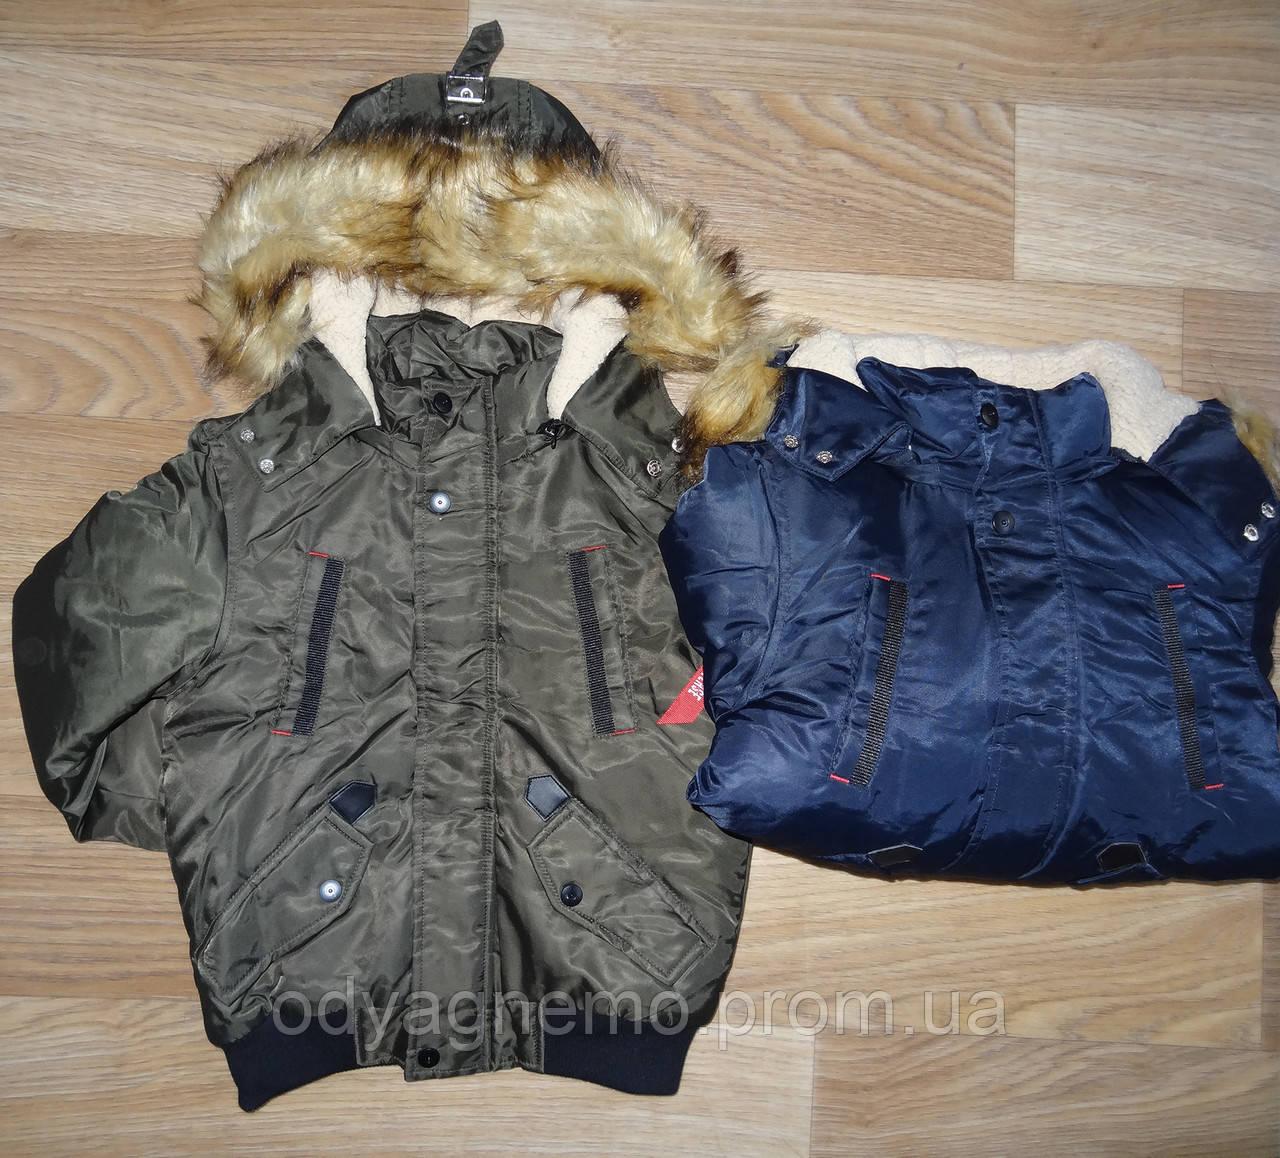 Курточка на меховой подкладке для мальчиков S&D оптом, 134-164 pp., фото 1